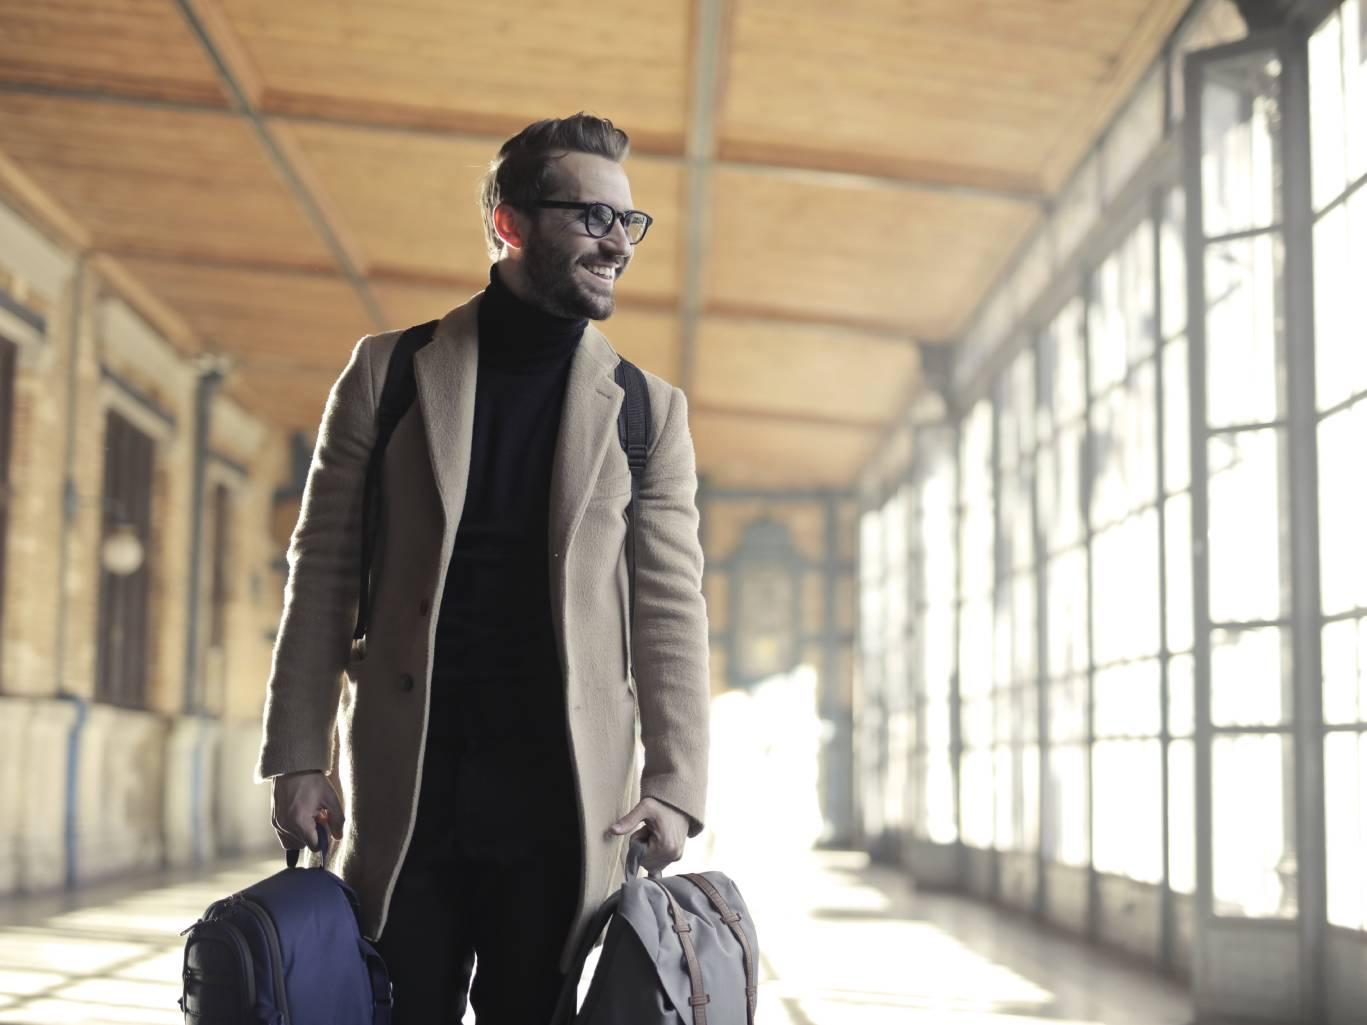 Лайфхаки для путешествий или как путешествовать дешево своим ходом